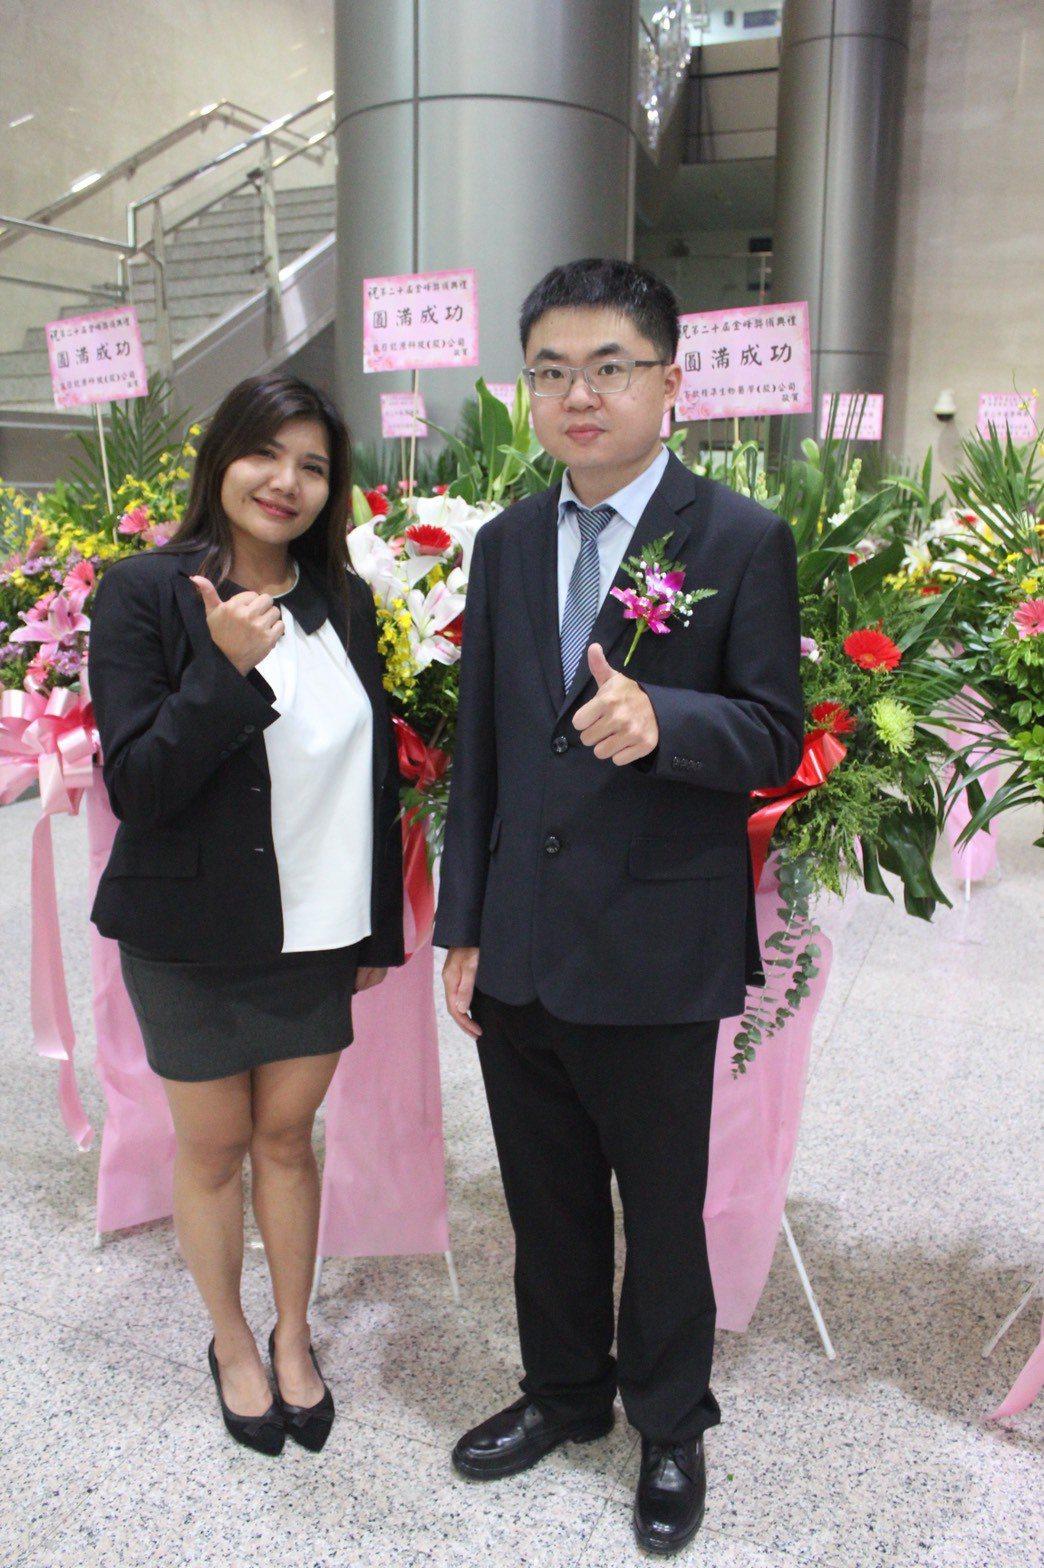 台灣新創都更集團,提供加盟、委託危老都更案件、危老都更專業人員培訓課程等全方位的...